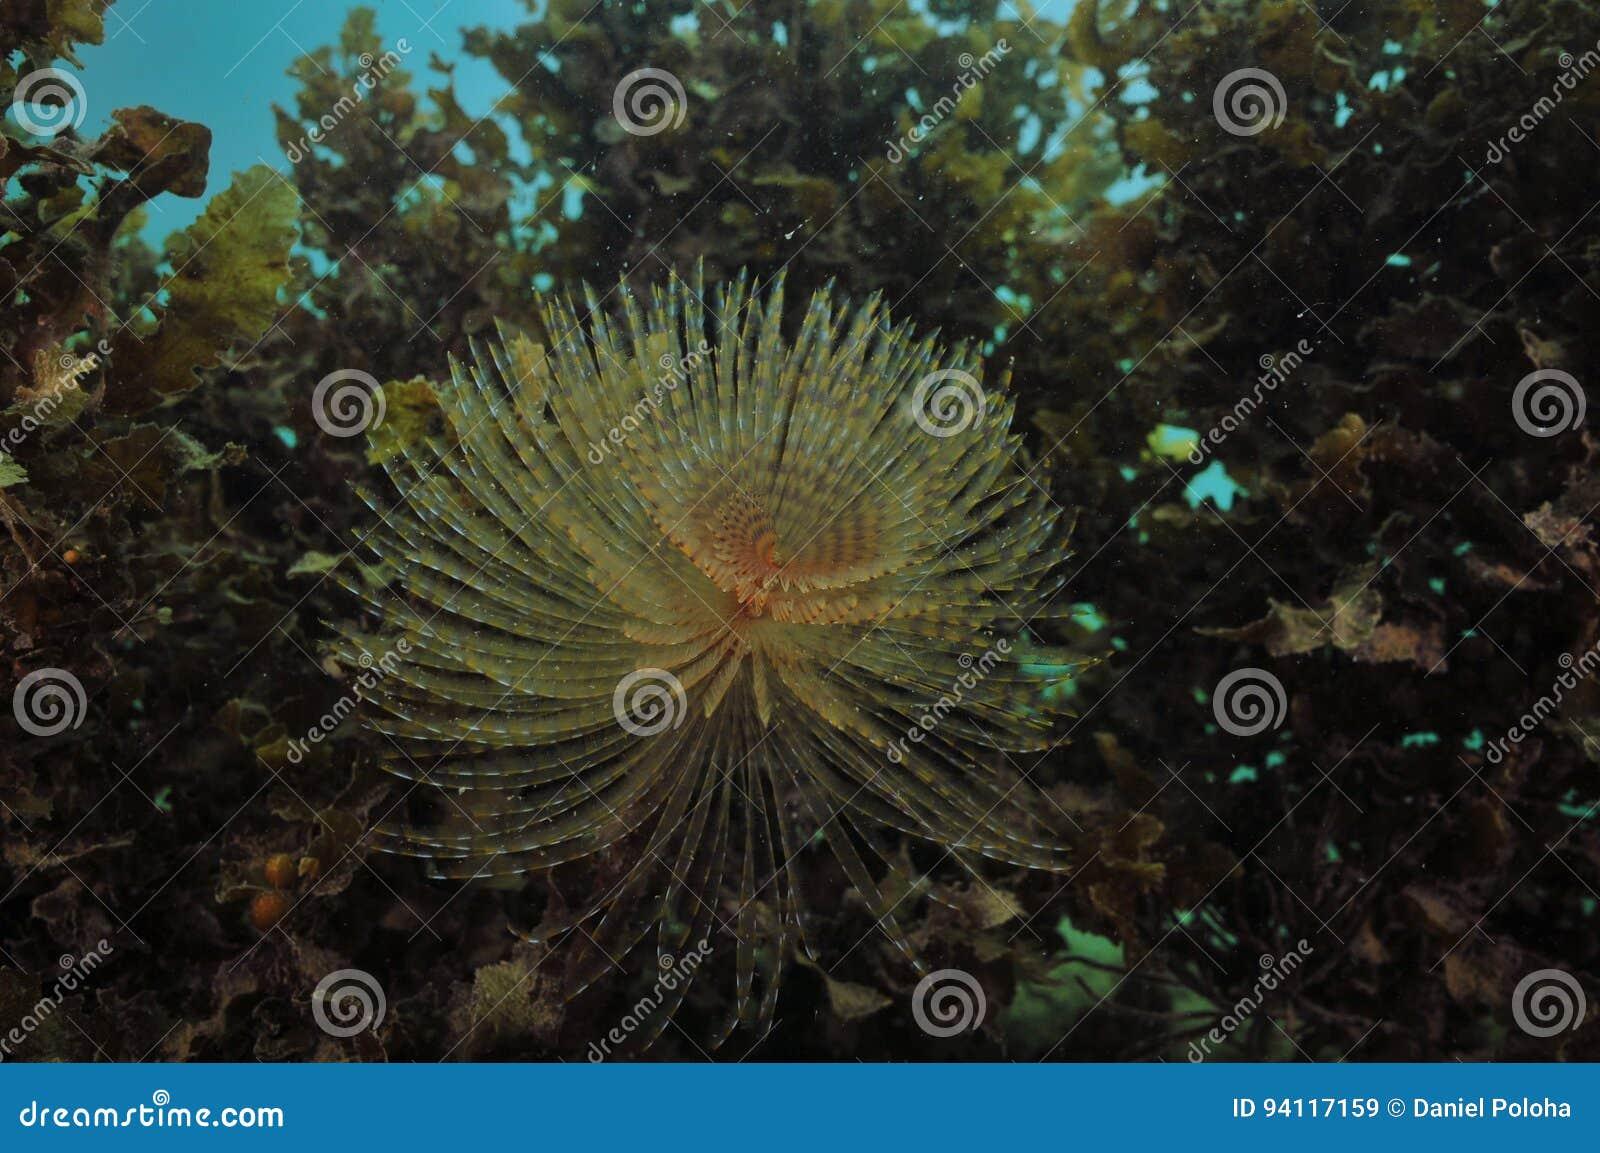 Ver de fan devant les mauvaises herbes brunes de mer